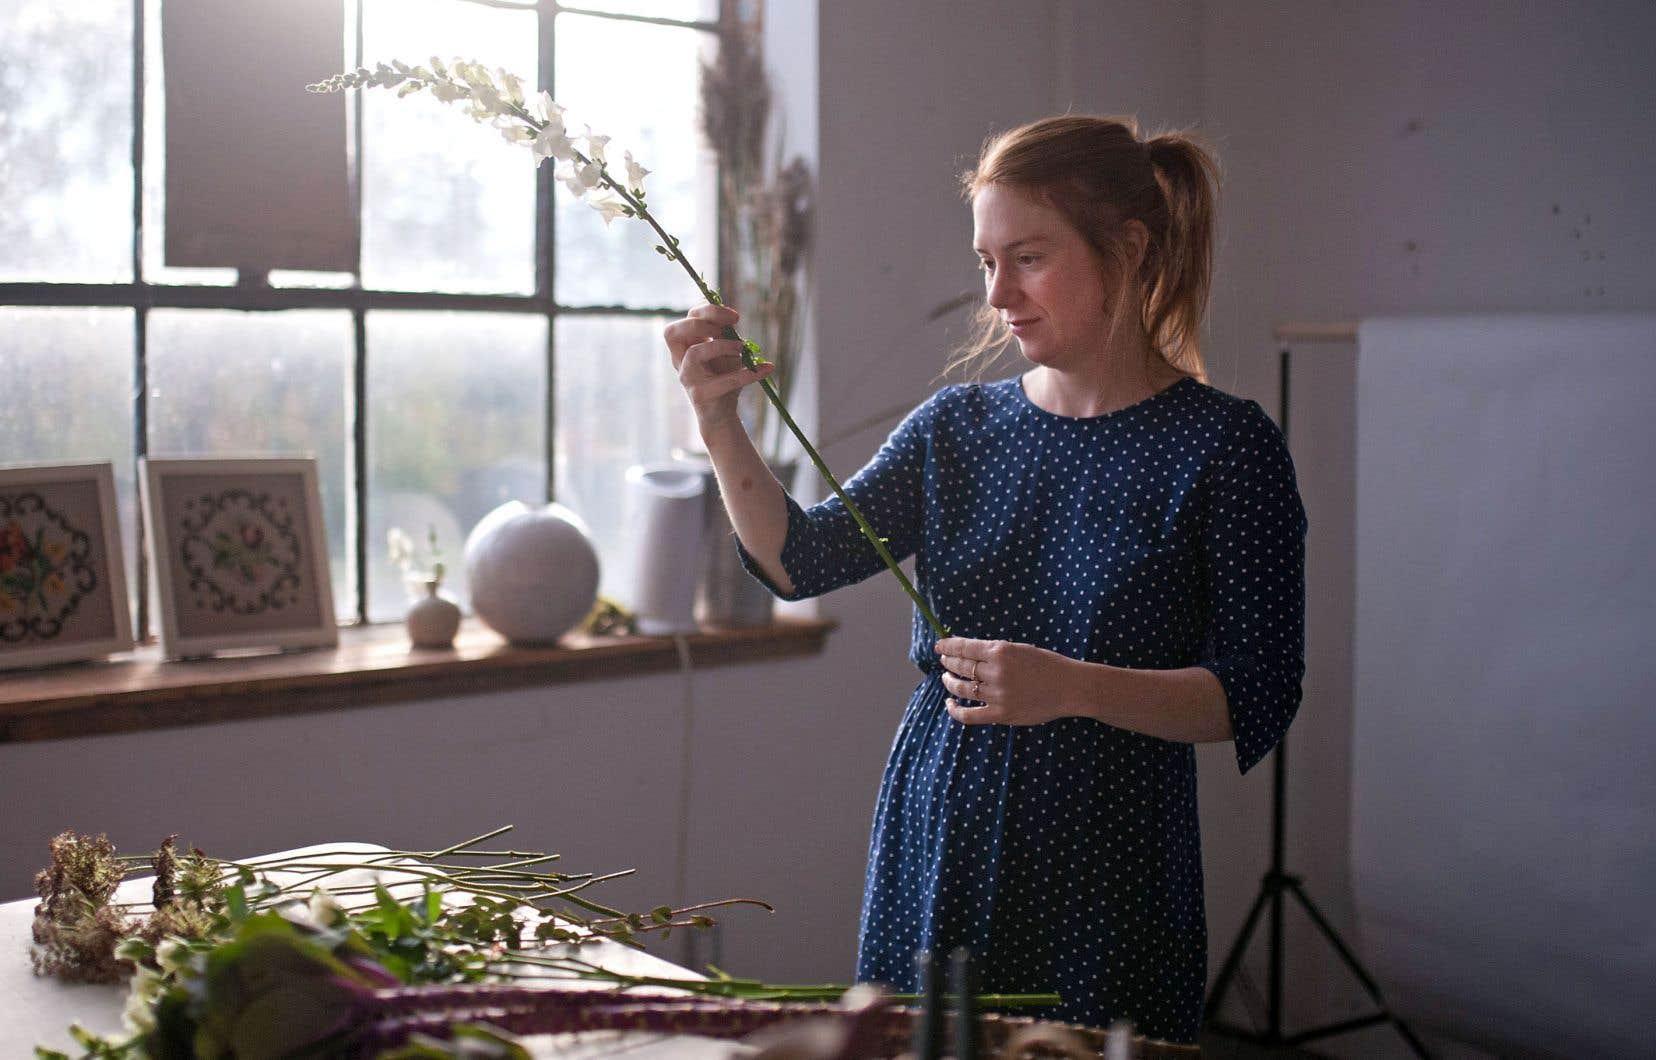 Julie Richer a lancé au début de l'année 2017 Oursin fleurs, une entreprise qui livre des bouquets de fleurs locales et de saison, en limitant ses pertes et l'impact sur l'environnement.